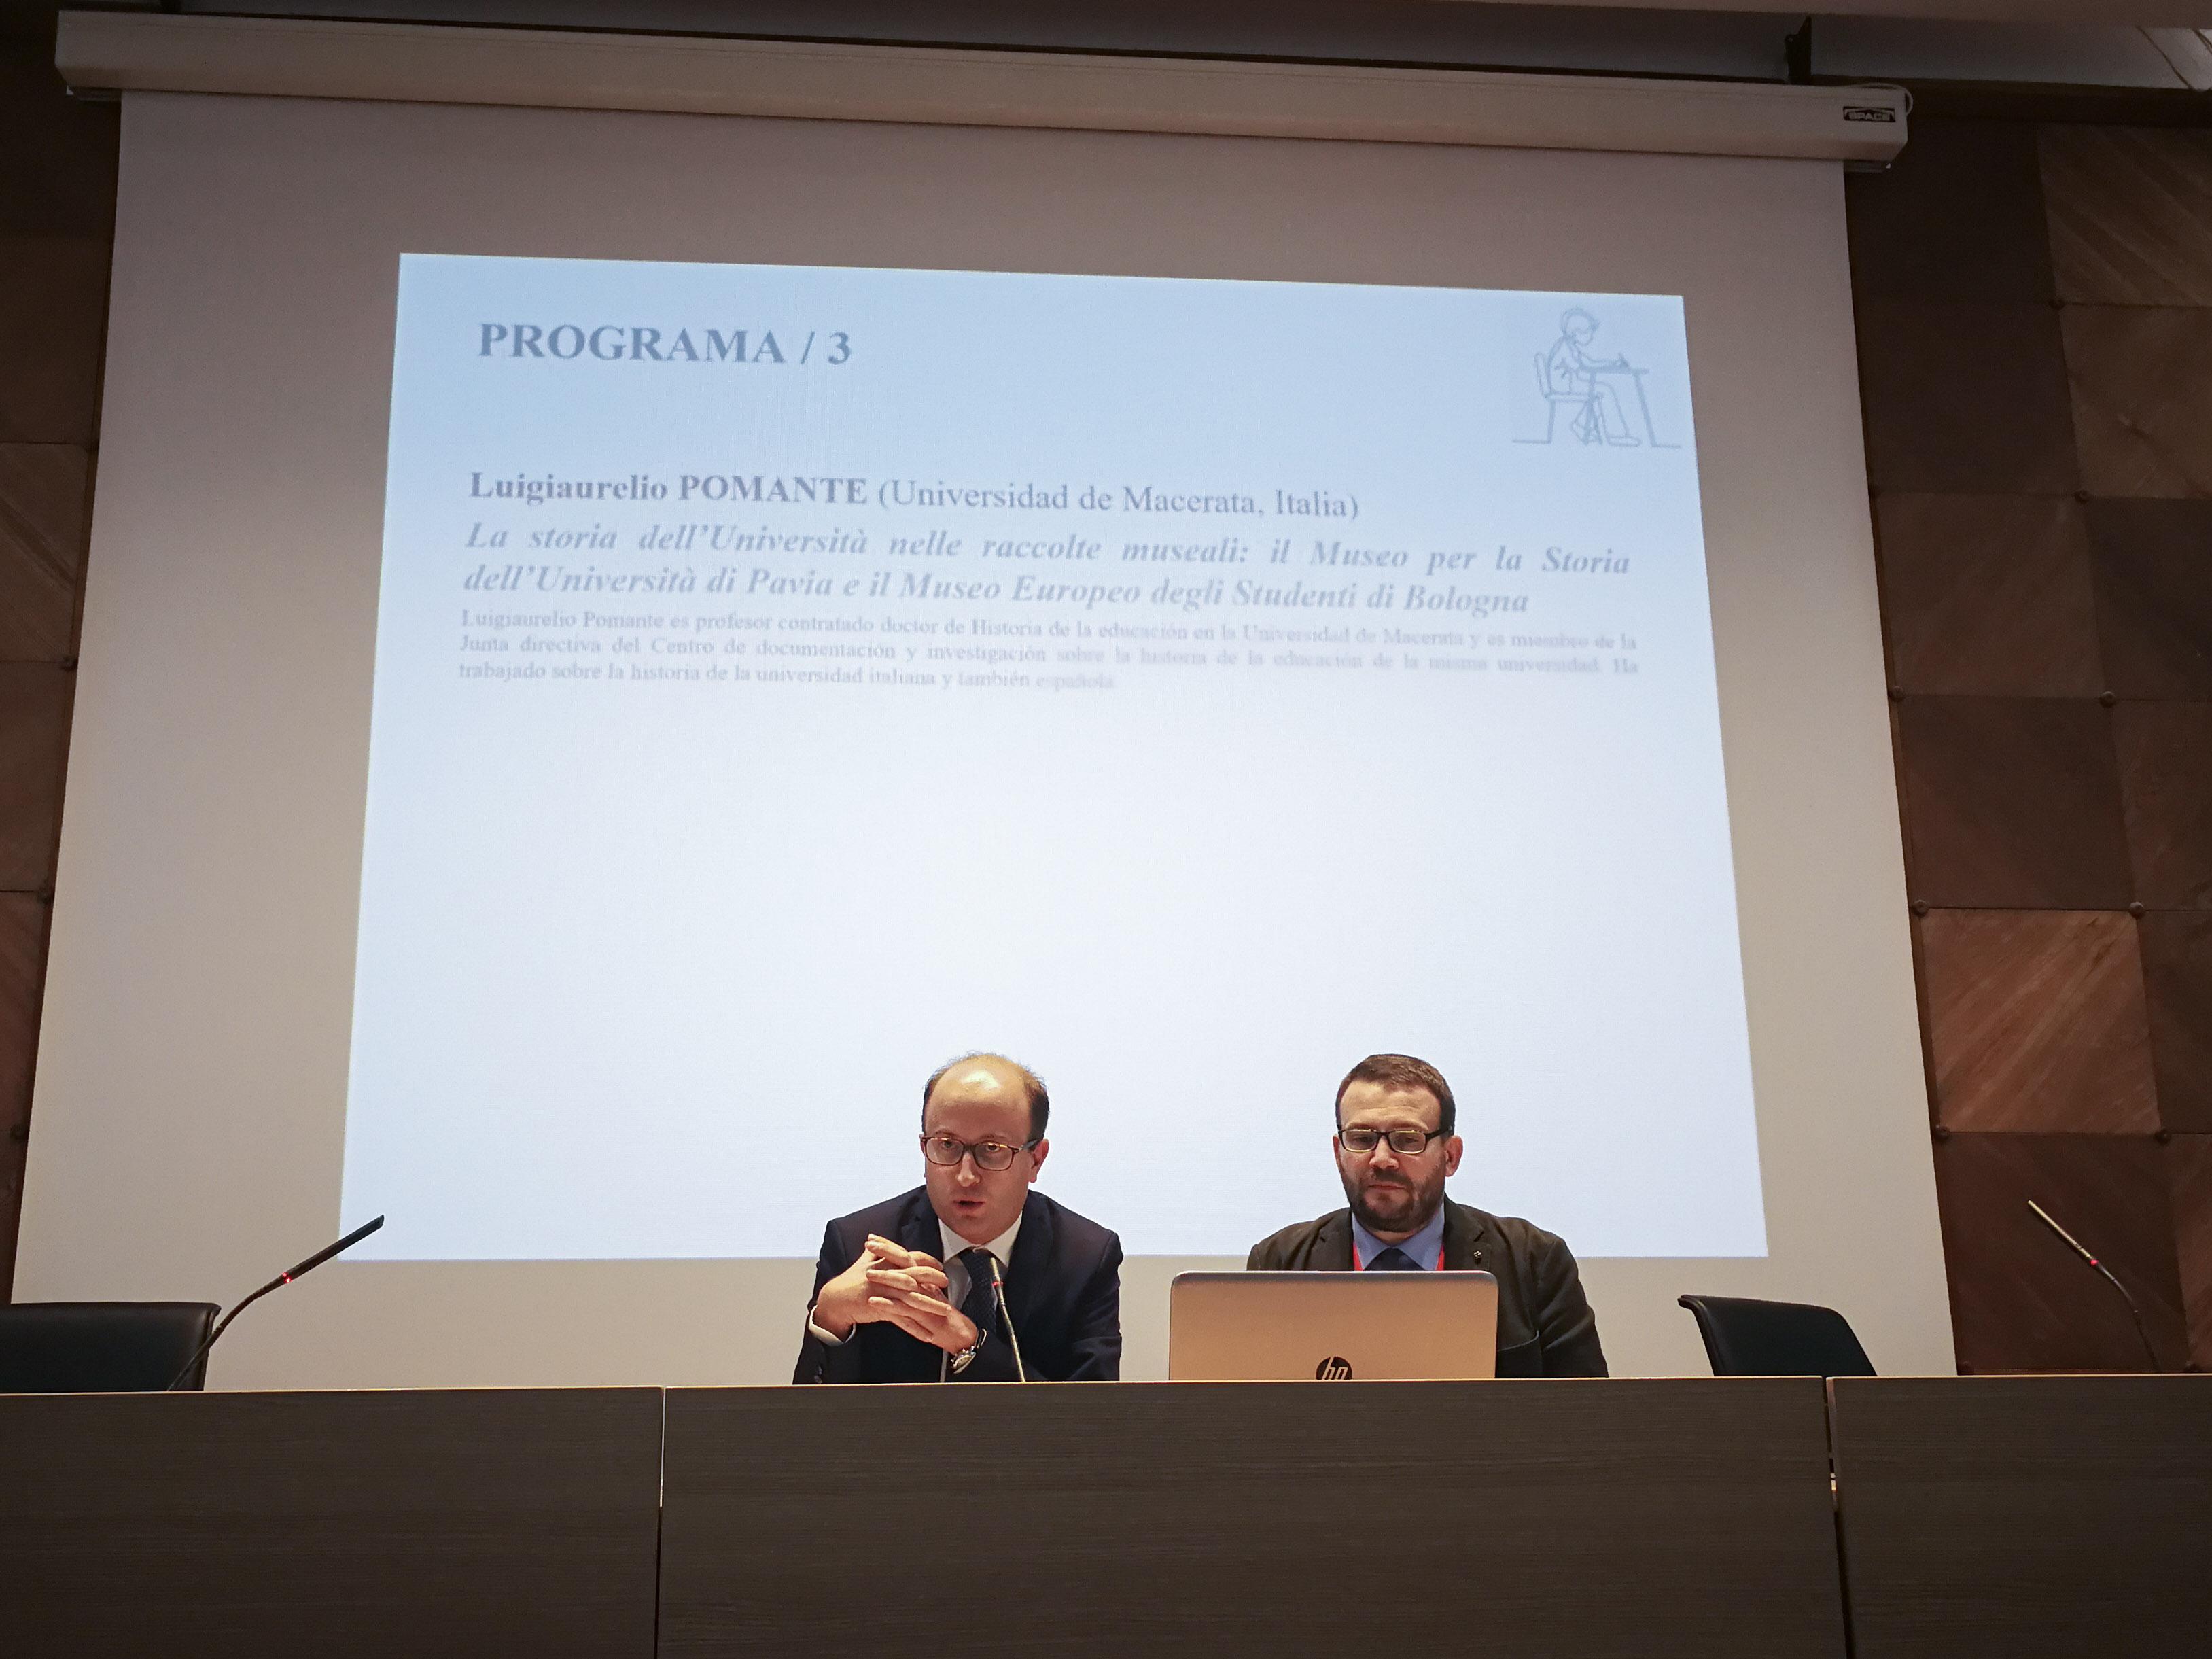 La practica educativa_PalmadiMaiorca-170852